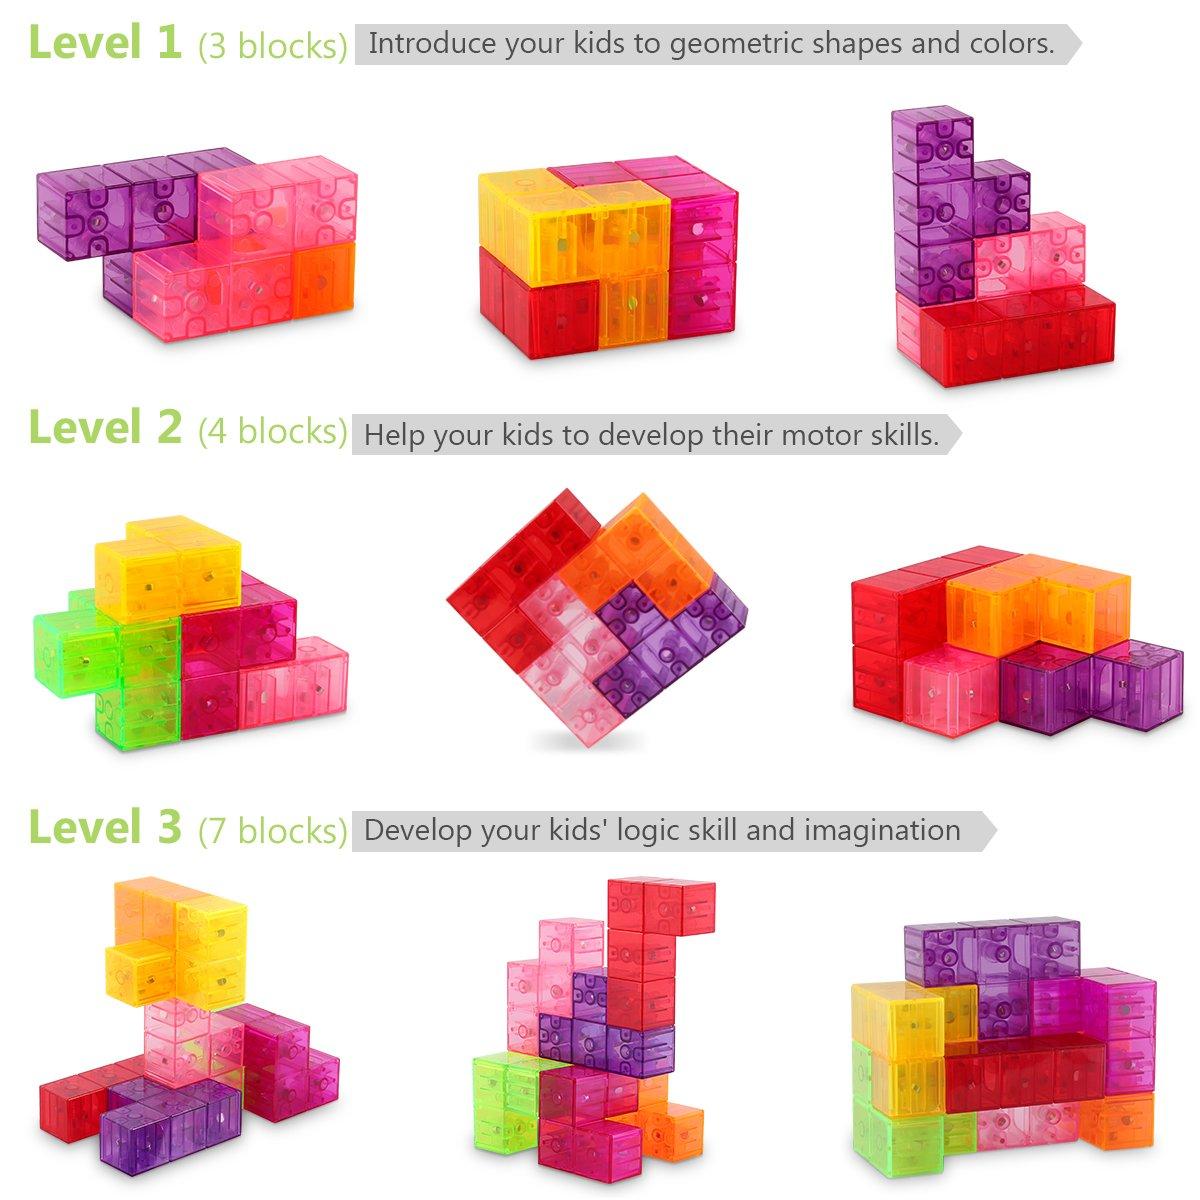 D-FantiX Magnetic Building Blocks Tetris Puzzle Cube 7pcs/Set Square 3D Brain Teaser Puzzle Magnetic Tiles Stress Relief Toy Games for Kids ( Cube Size 2.36in) by D-FantiX (Image #2)